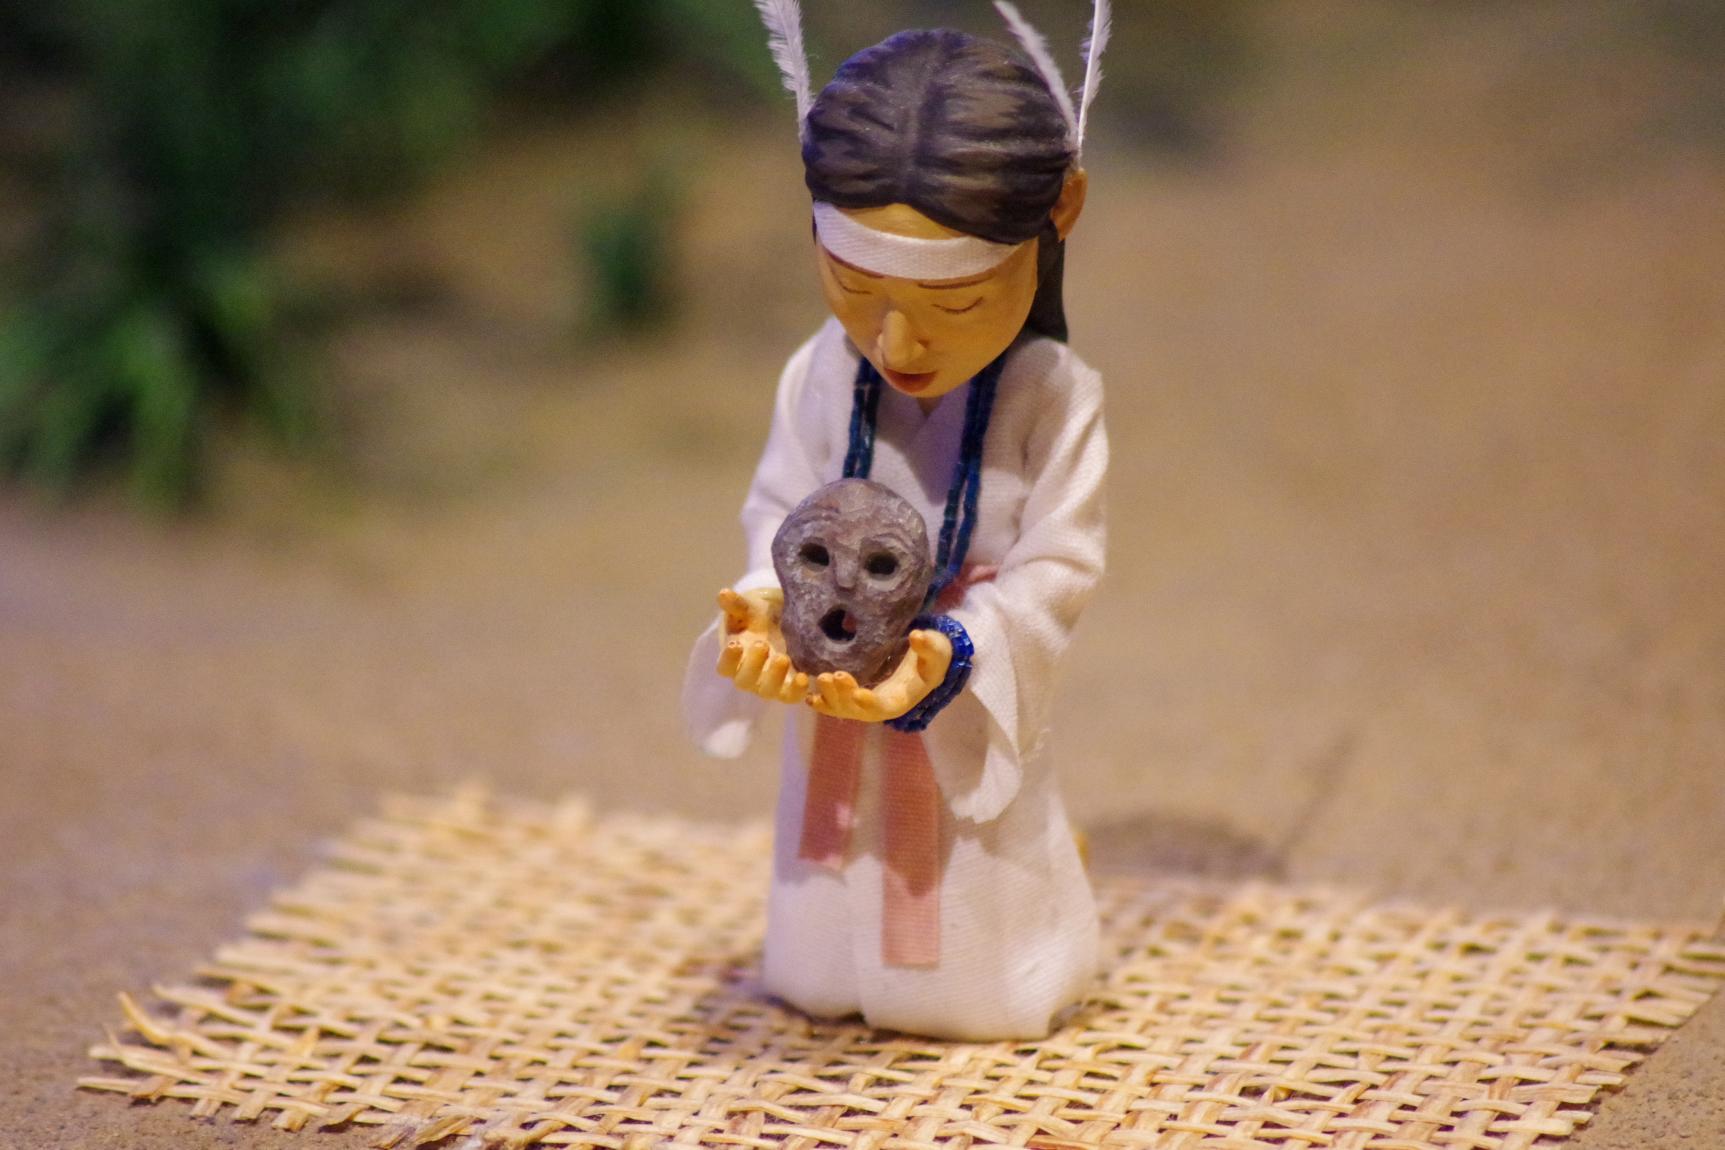 壱岐の歴史を楽しく学べる「一支国(いきこく)博物館」-6